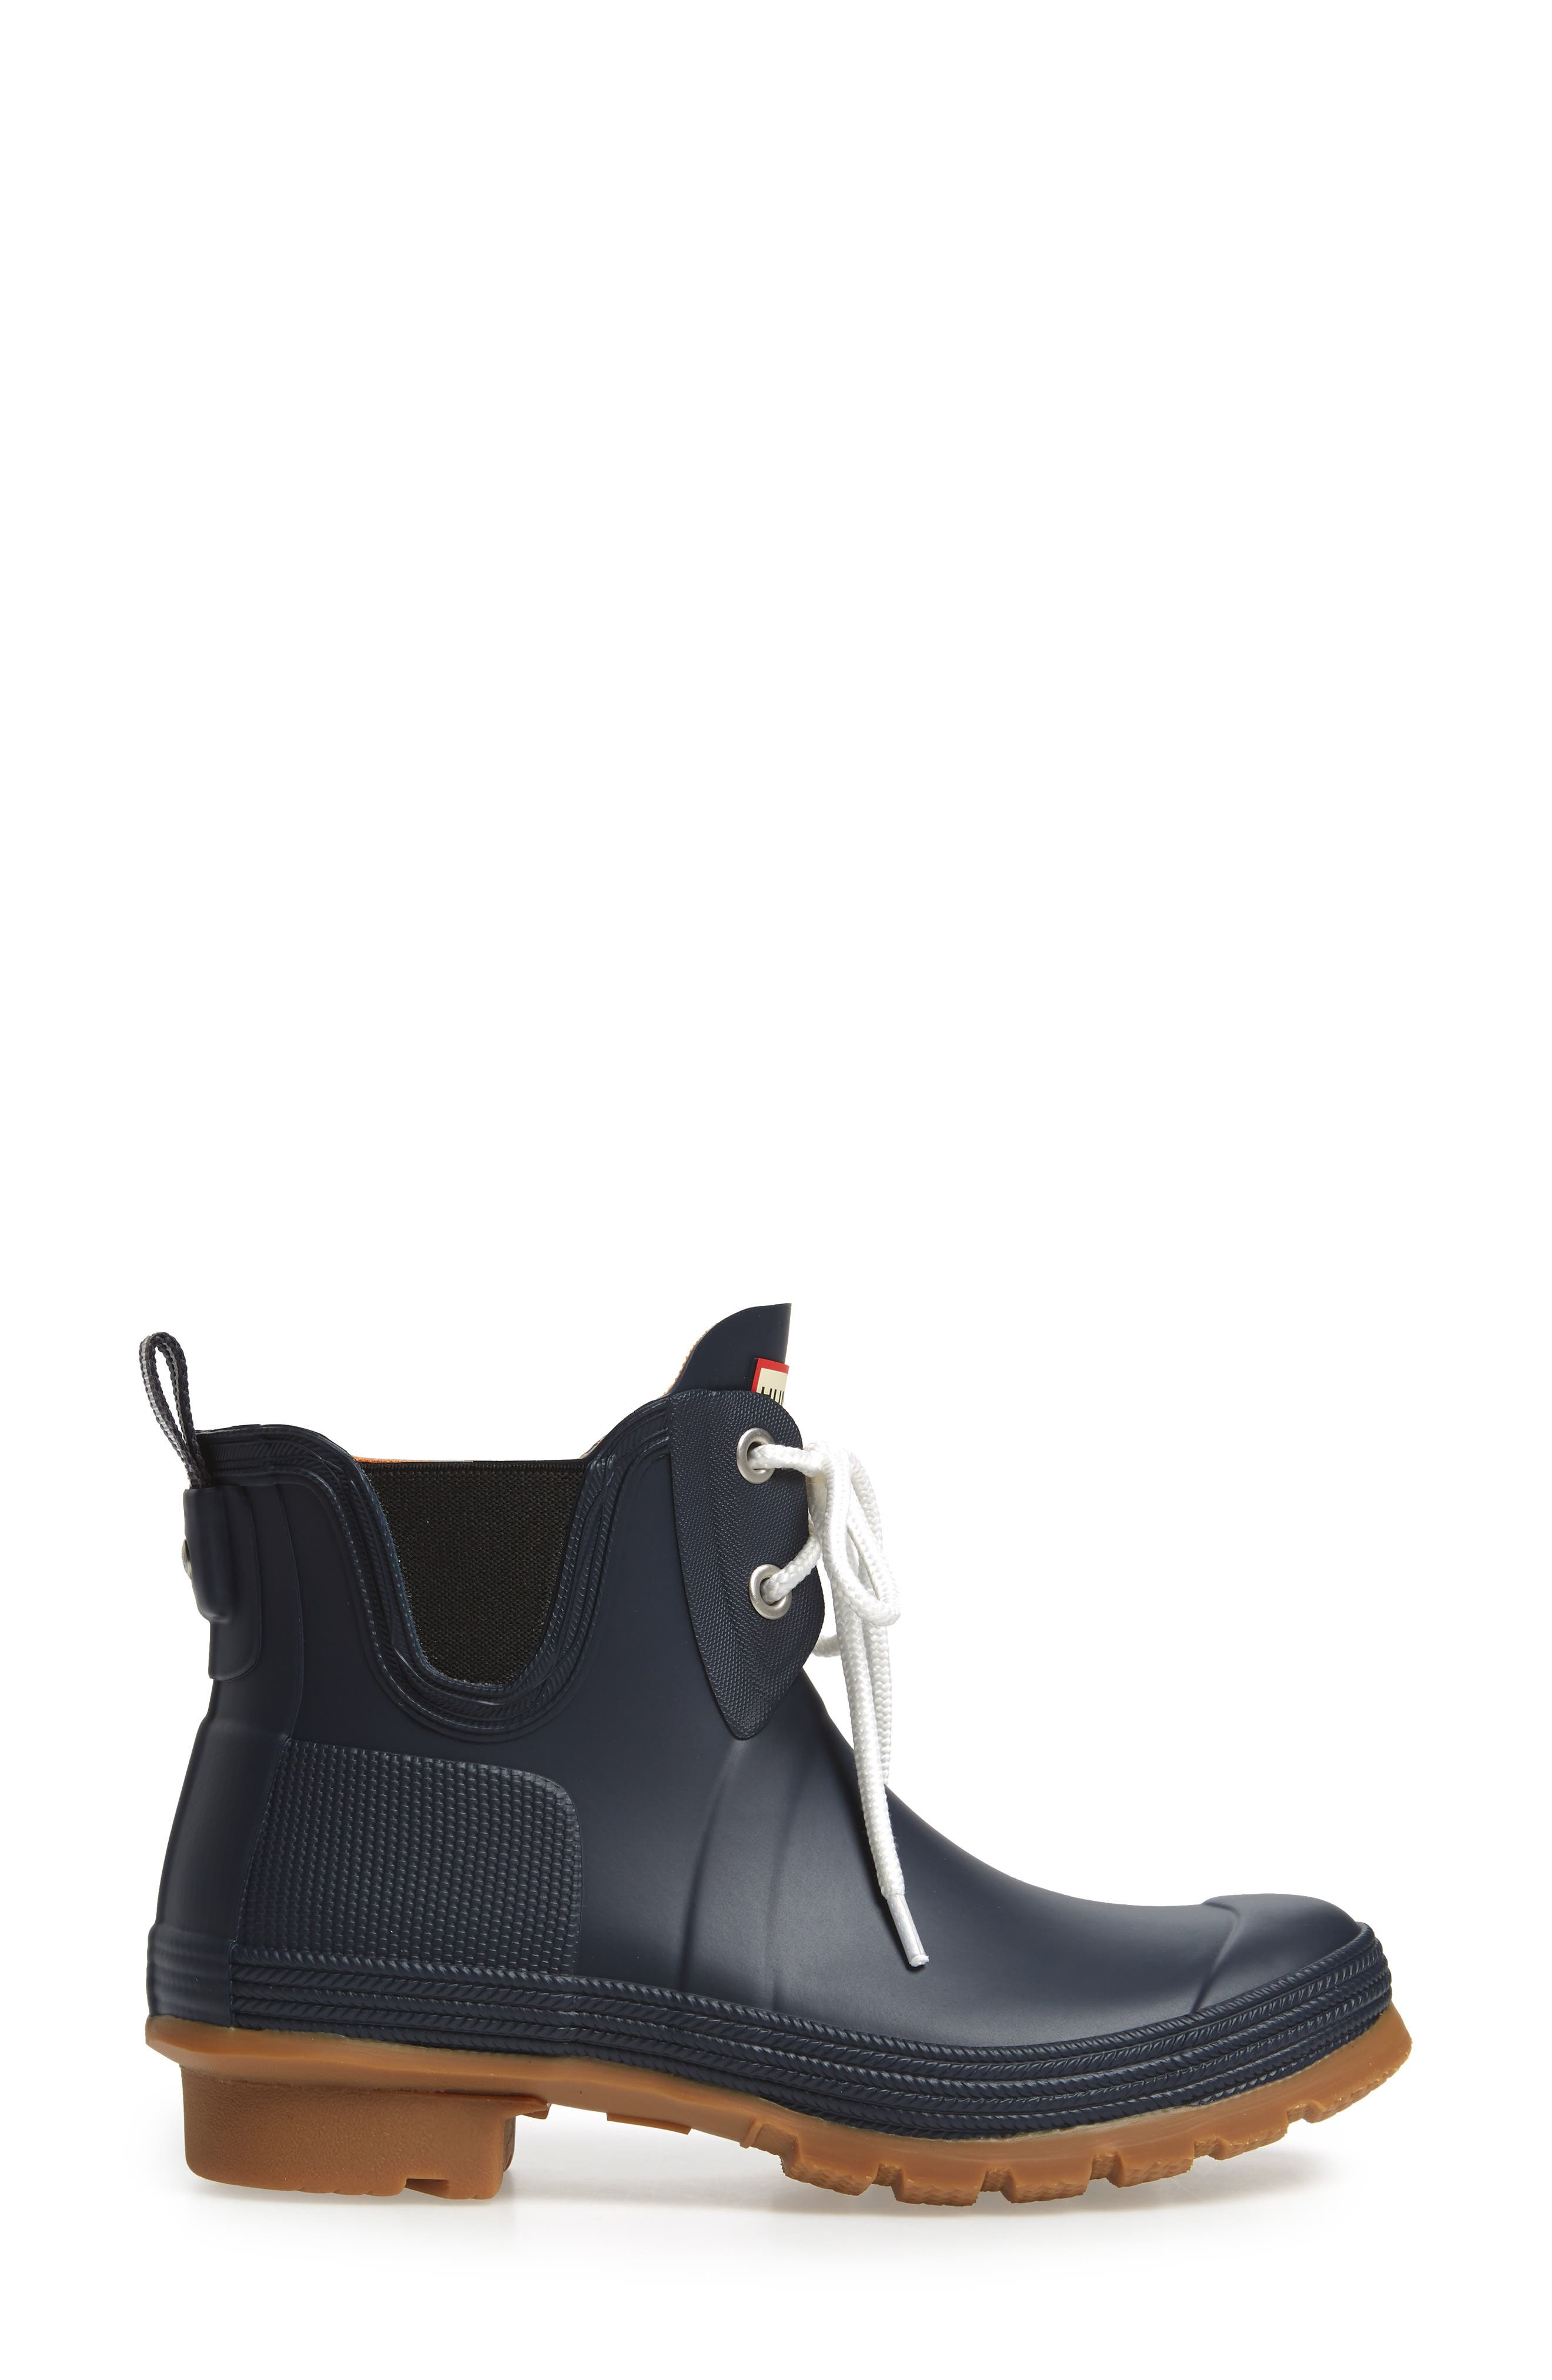 Original Sissinghurst Waterproof Pull-On Boot,                             Alternate thumbnail 3, color,                             Navy/ Gum